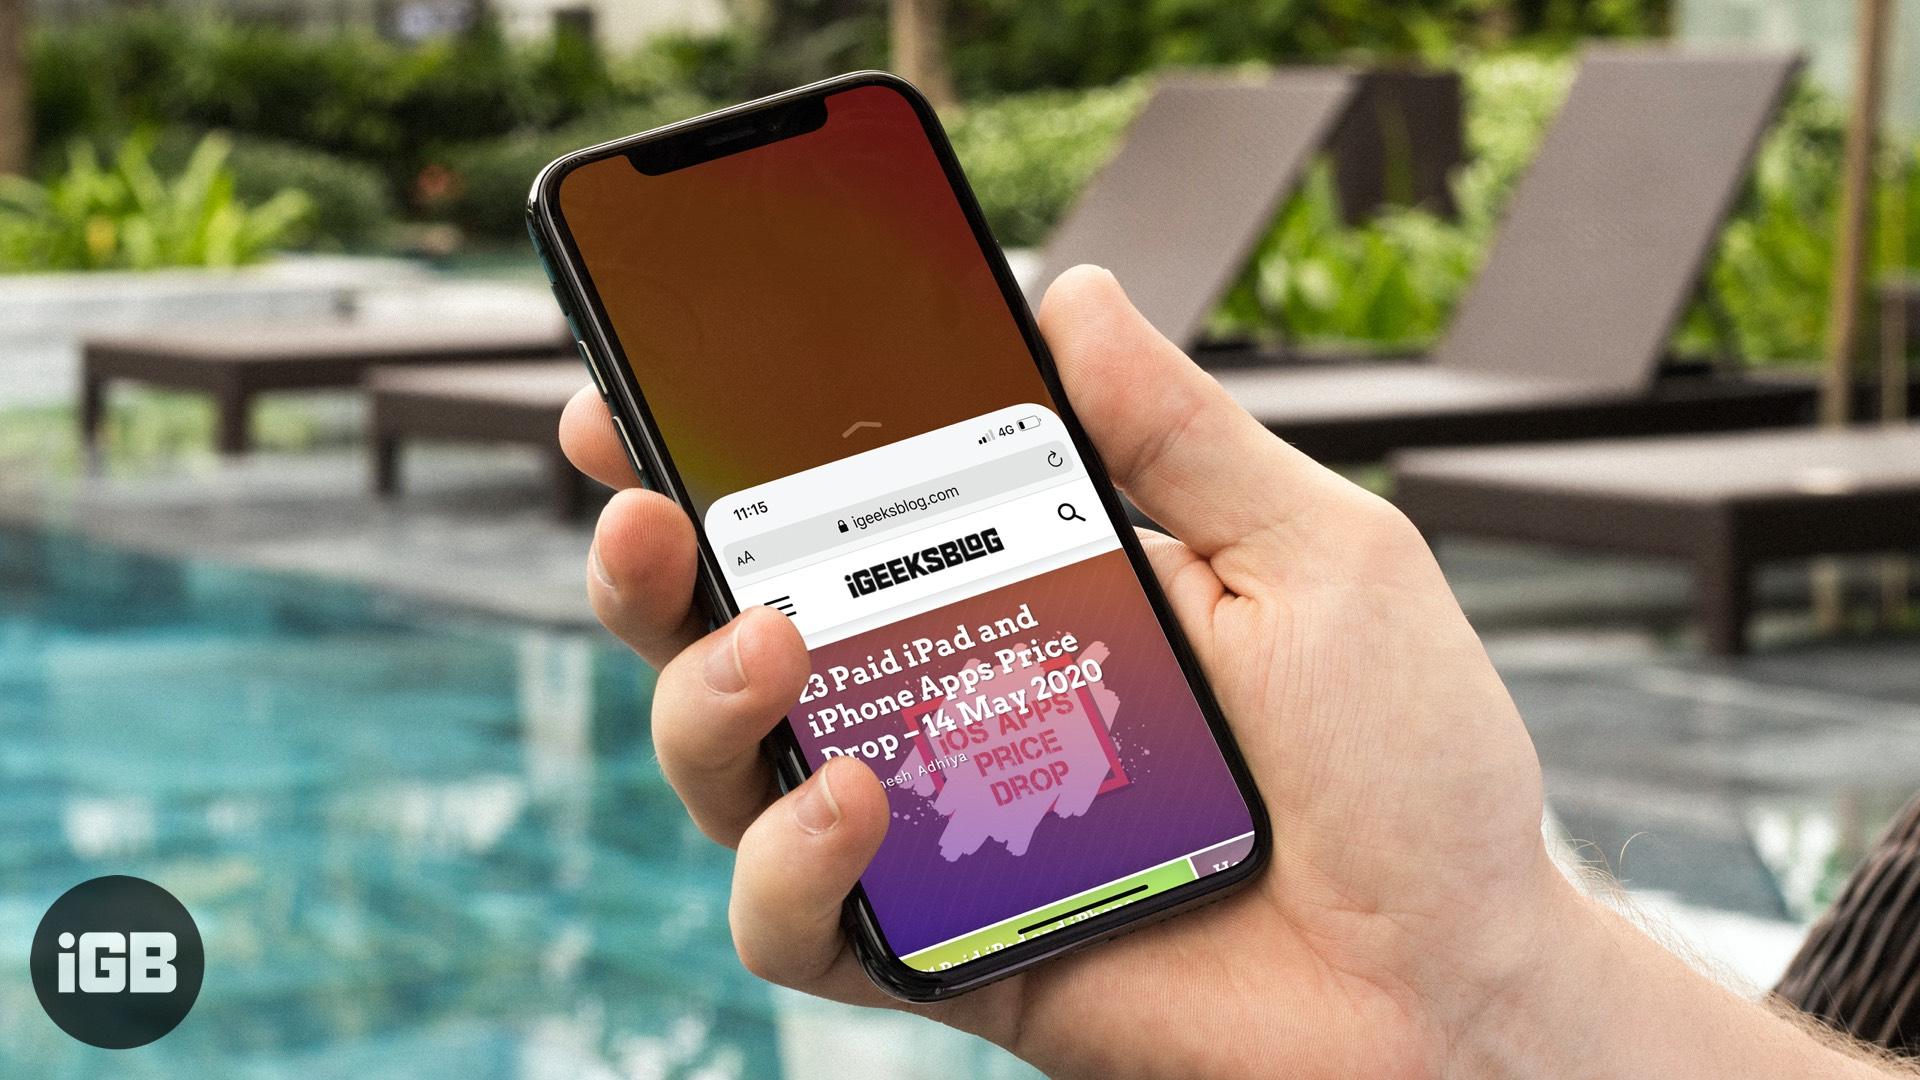 Cómo usar la accesibilidad en iPhone